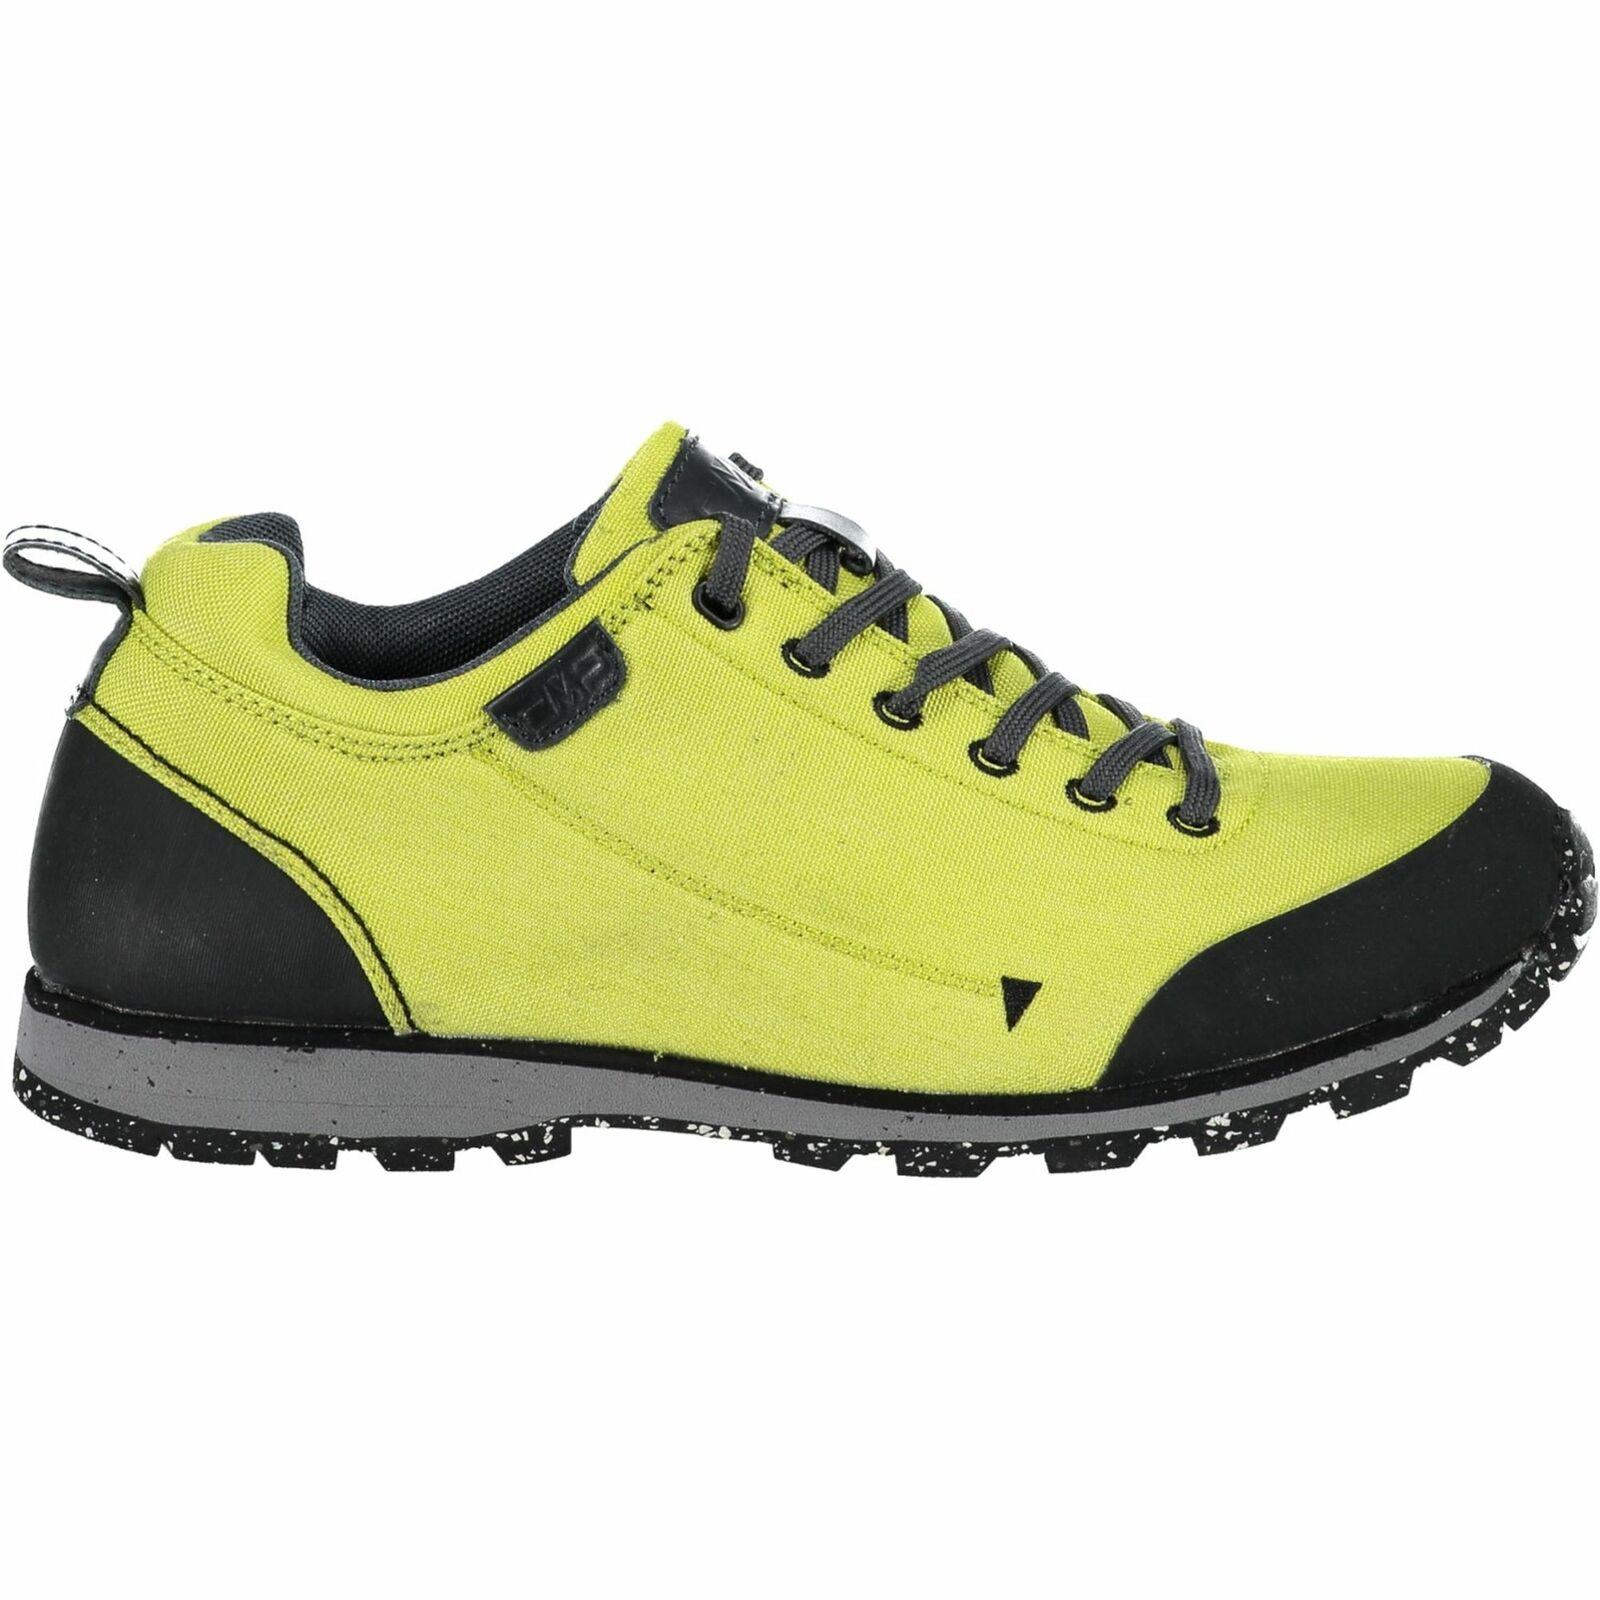 Excursión al aire libre del CMP zapatos verdes poco profundos de la Elettra Low cordura